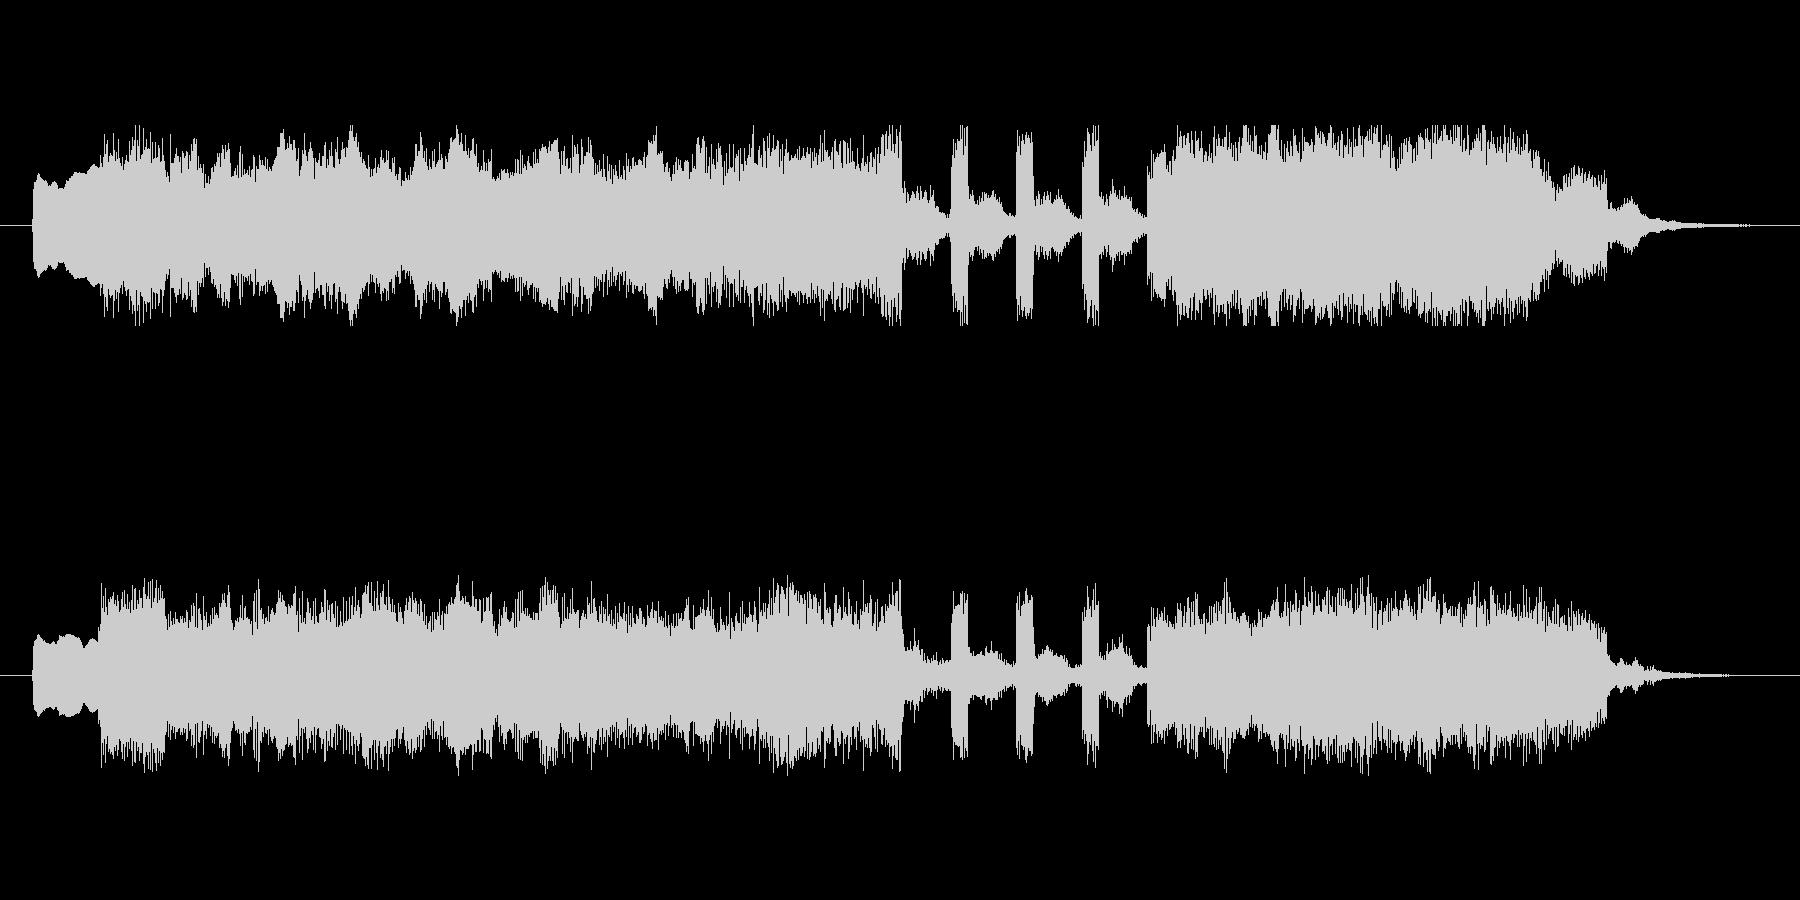 アイネクライネナハトムジーク第3楽章ミニの未再生の波形